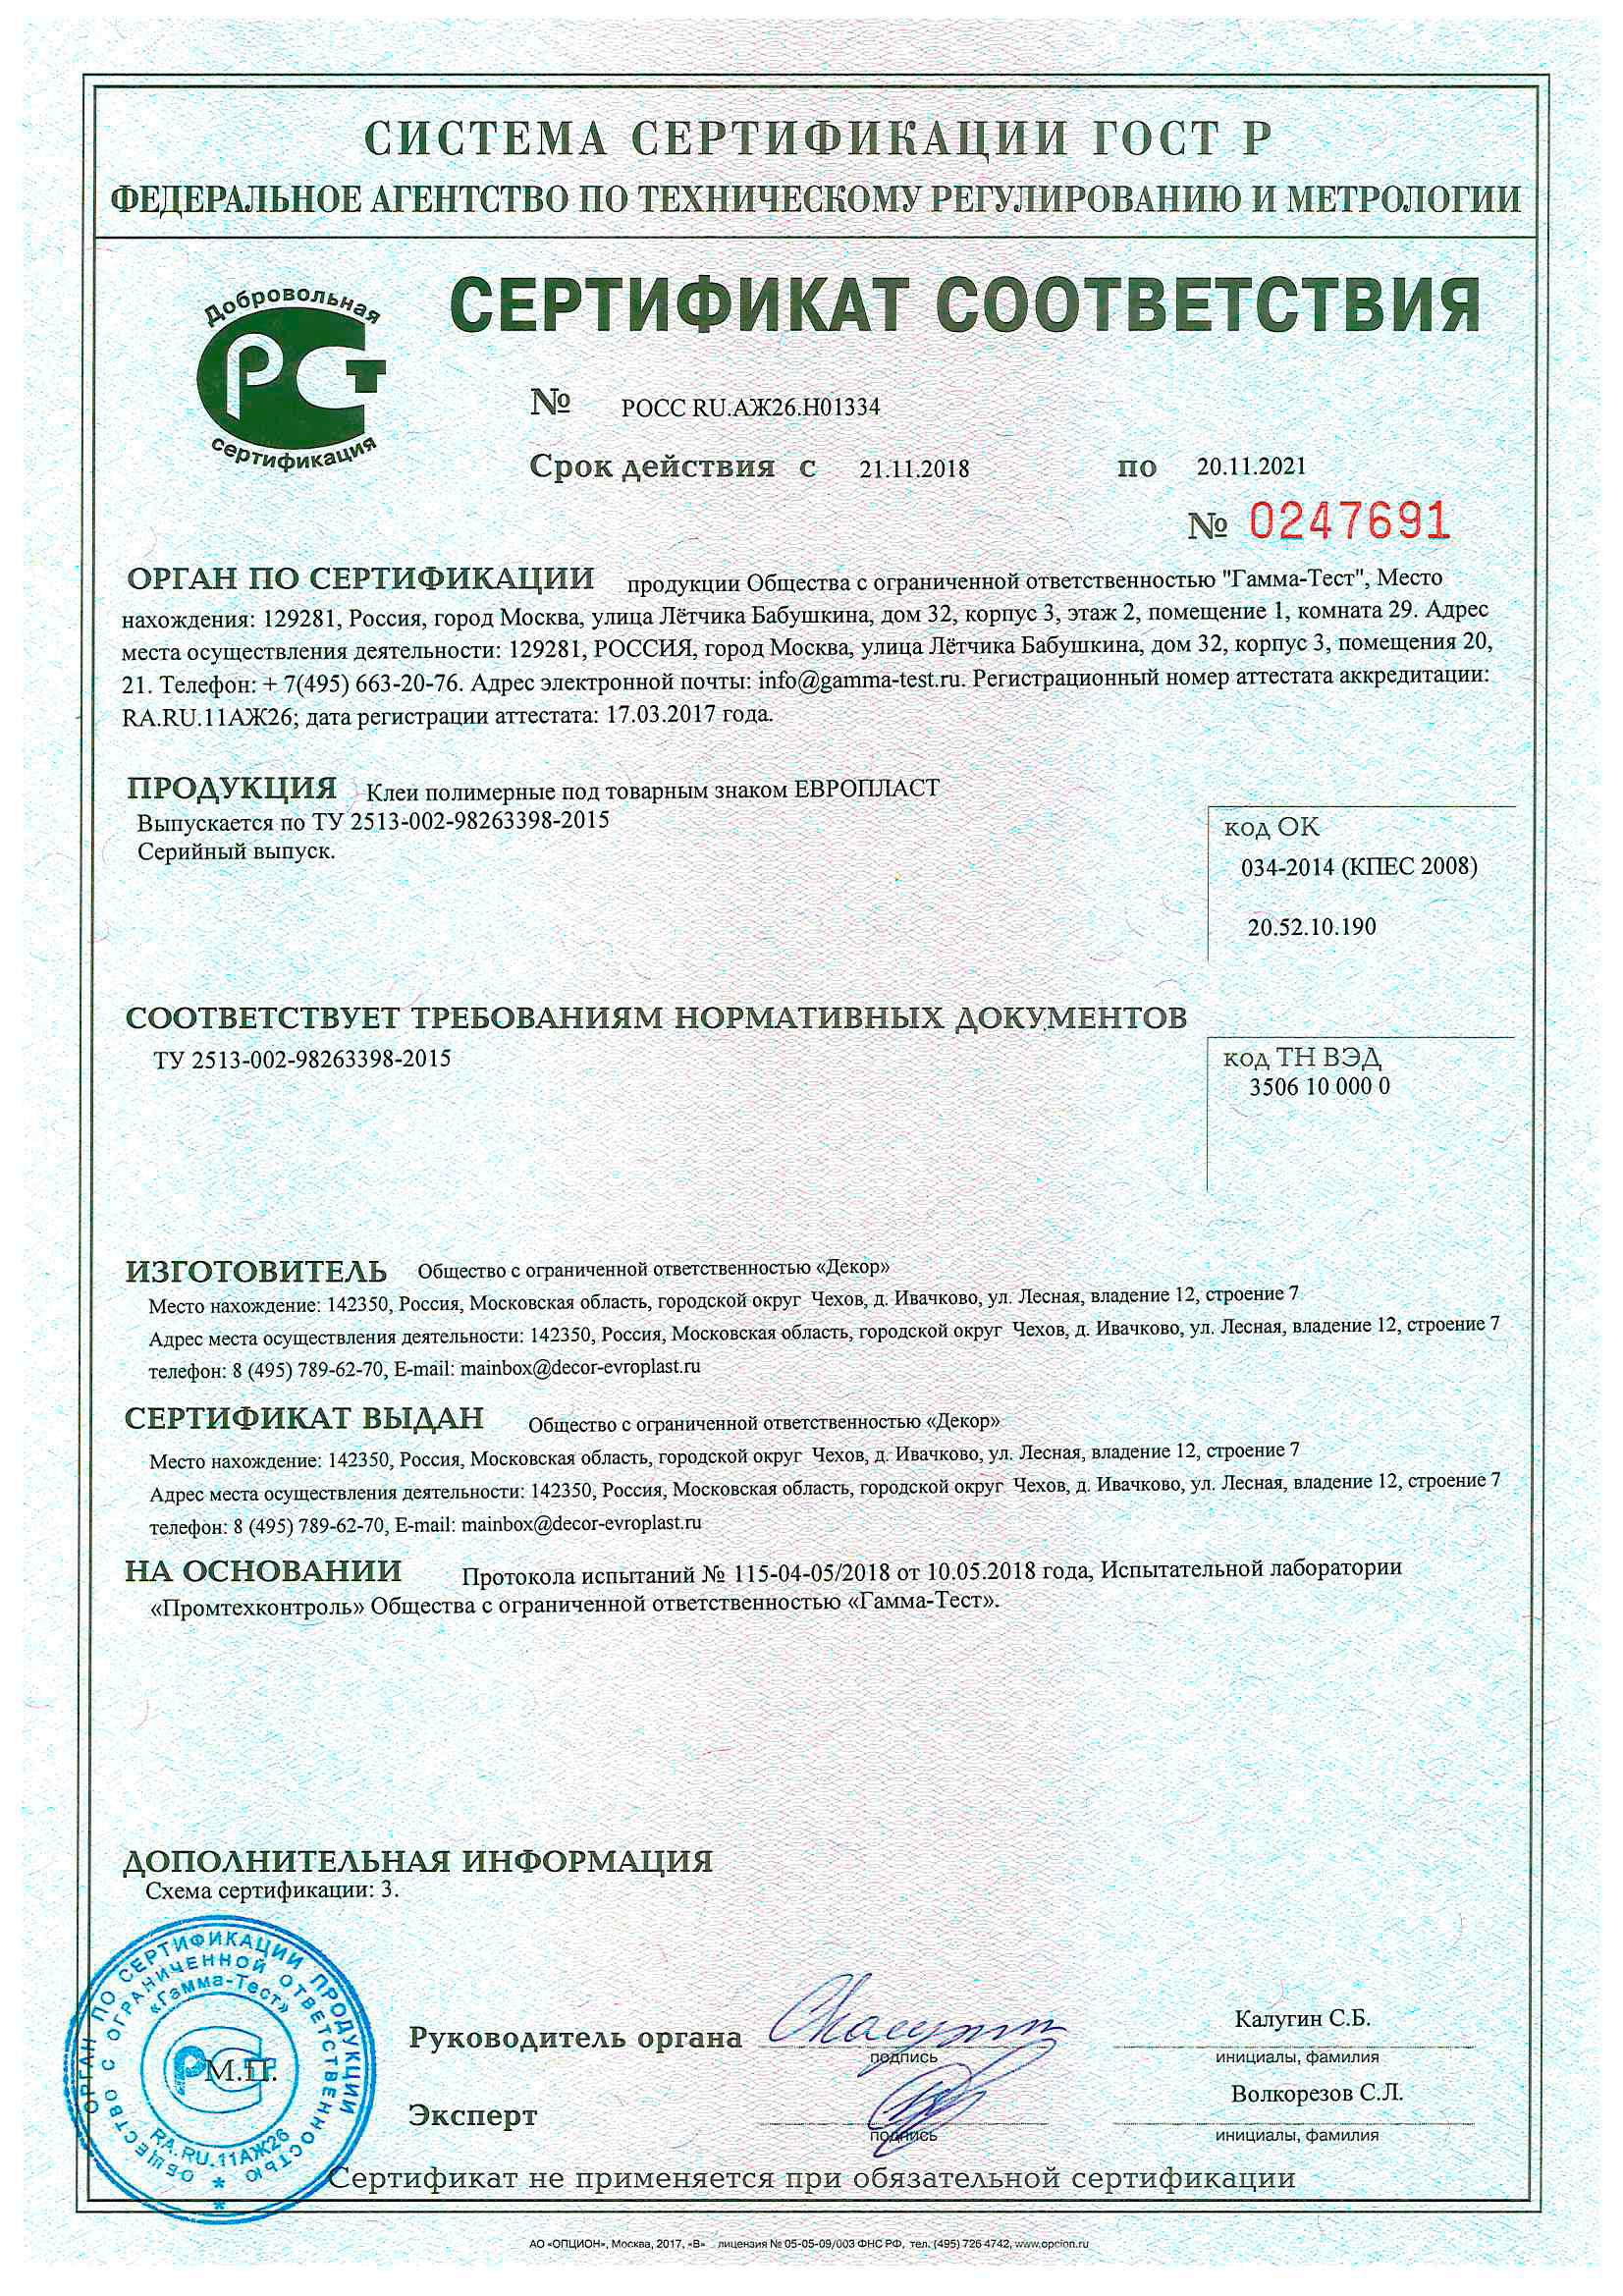 Сертификат соответствия. Подтверждает, Клеи полимерные под товарным знаком ЕВРОПЛАСТ соответствует требованиям нормативных документов ТУ 2513-002-98263398-2015